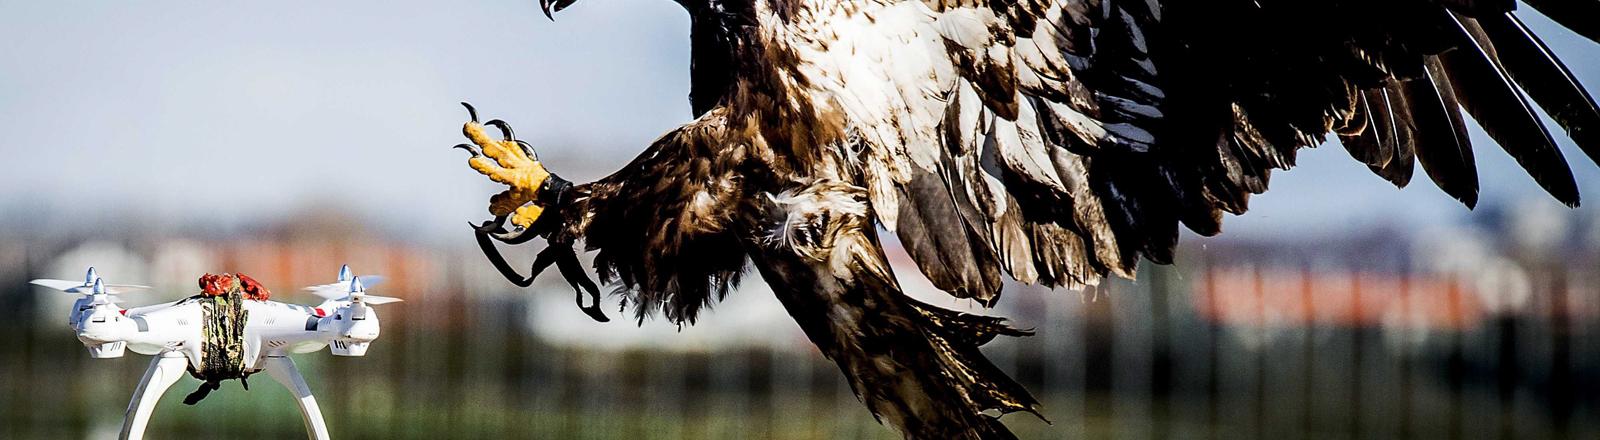 Adler im Anflug auf eine Drohne